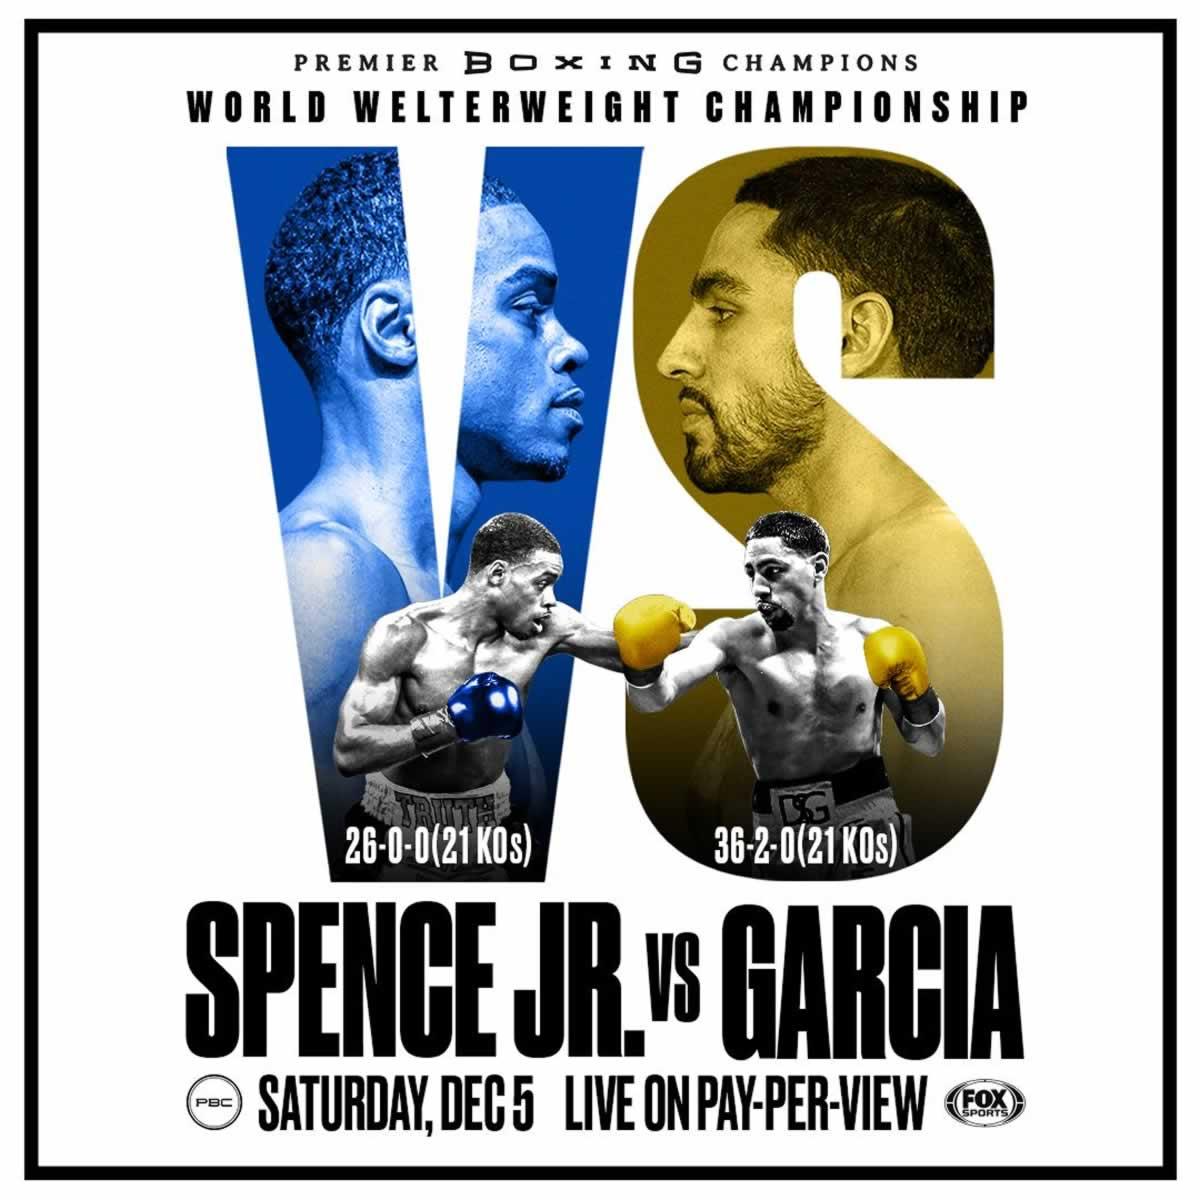 Spence Jr. vs Garcia